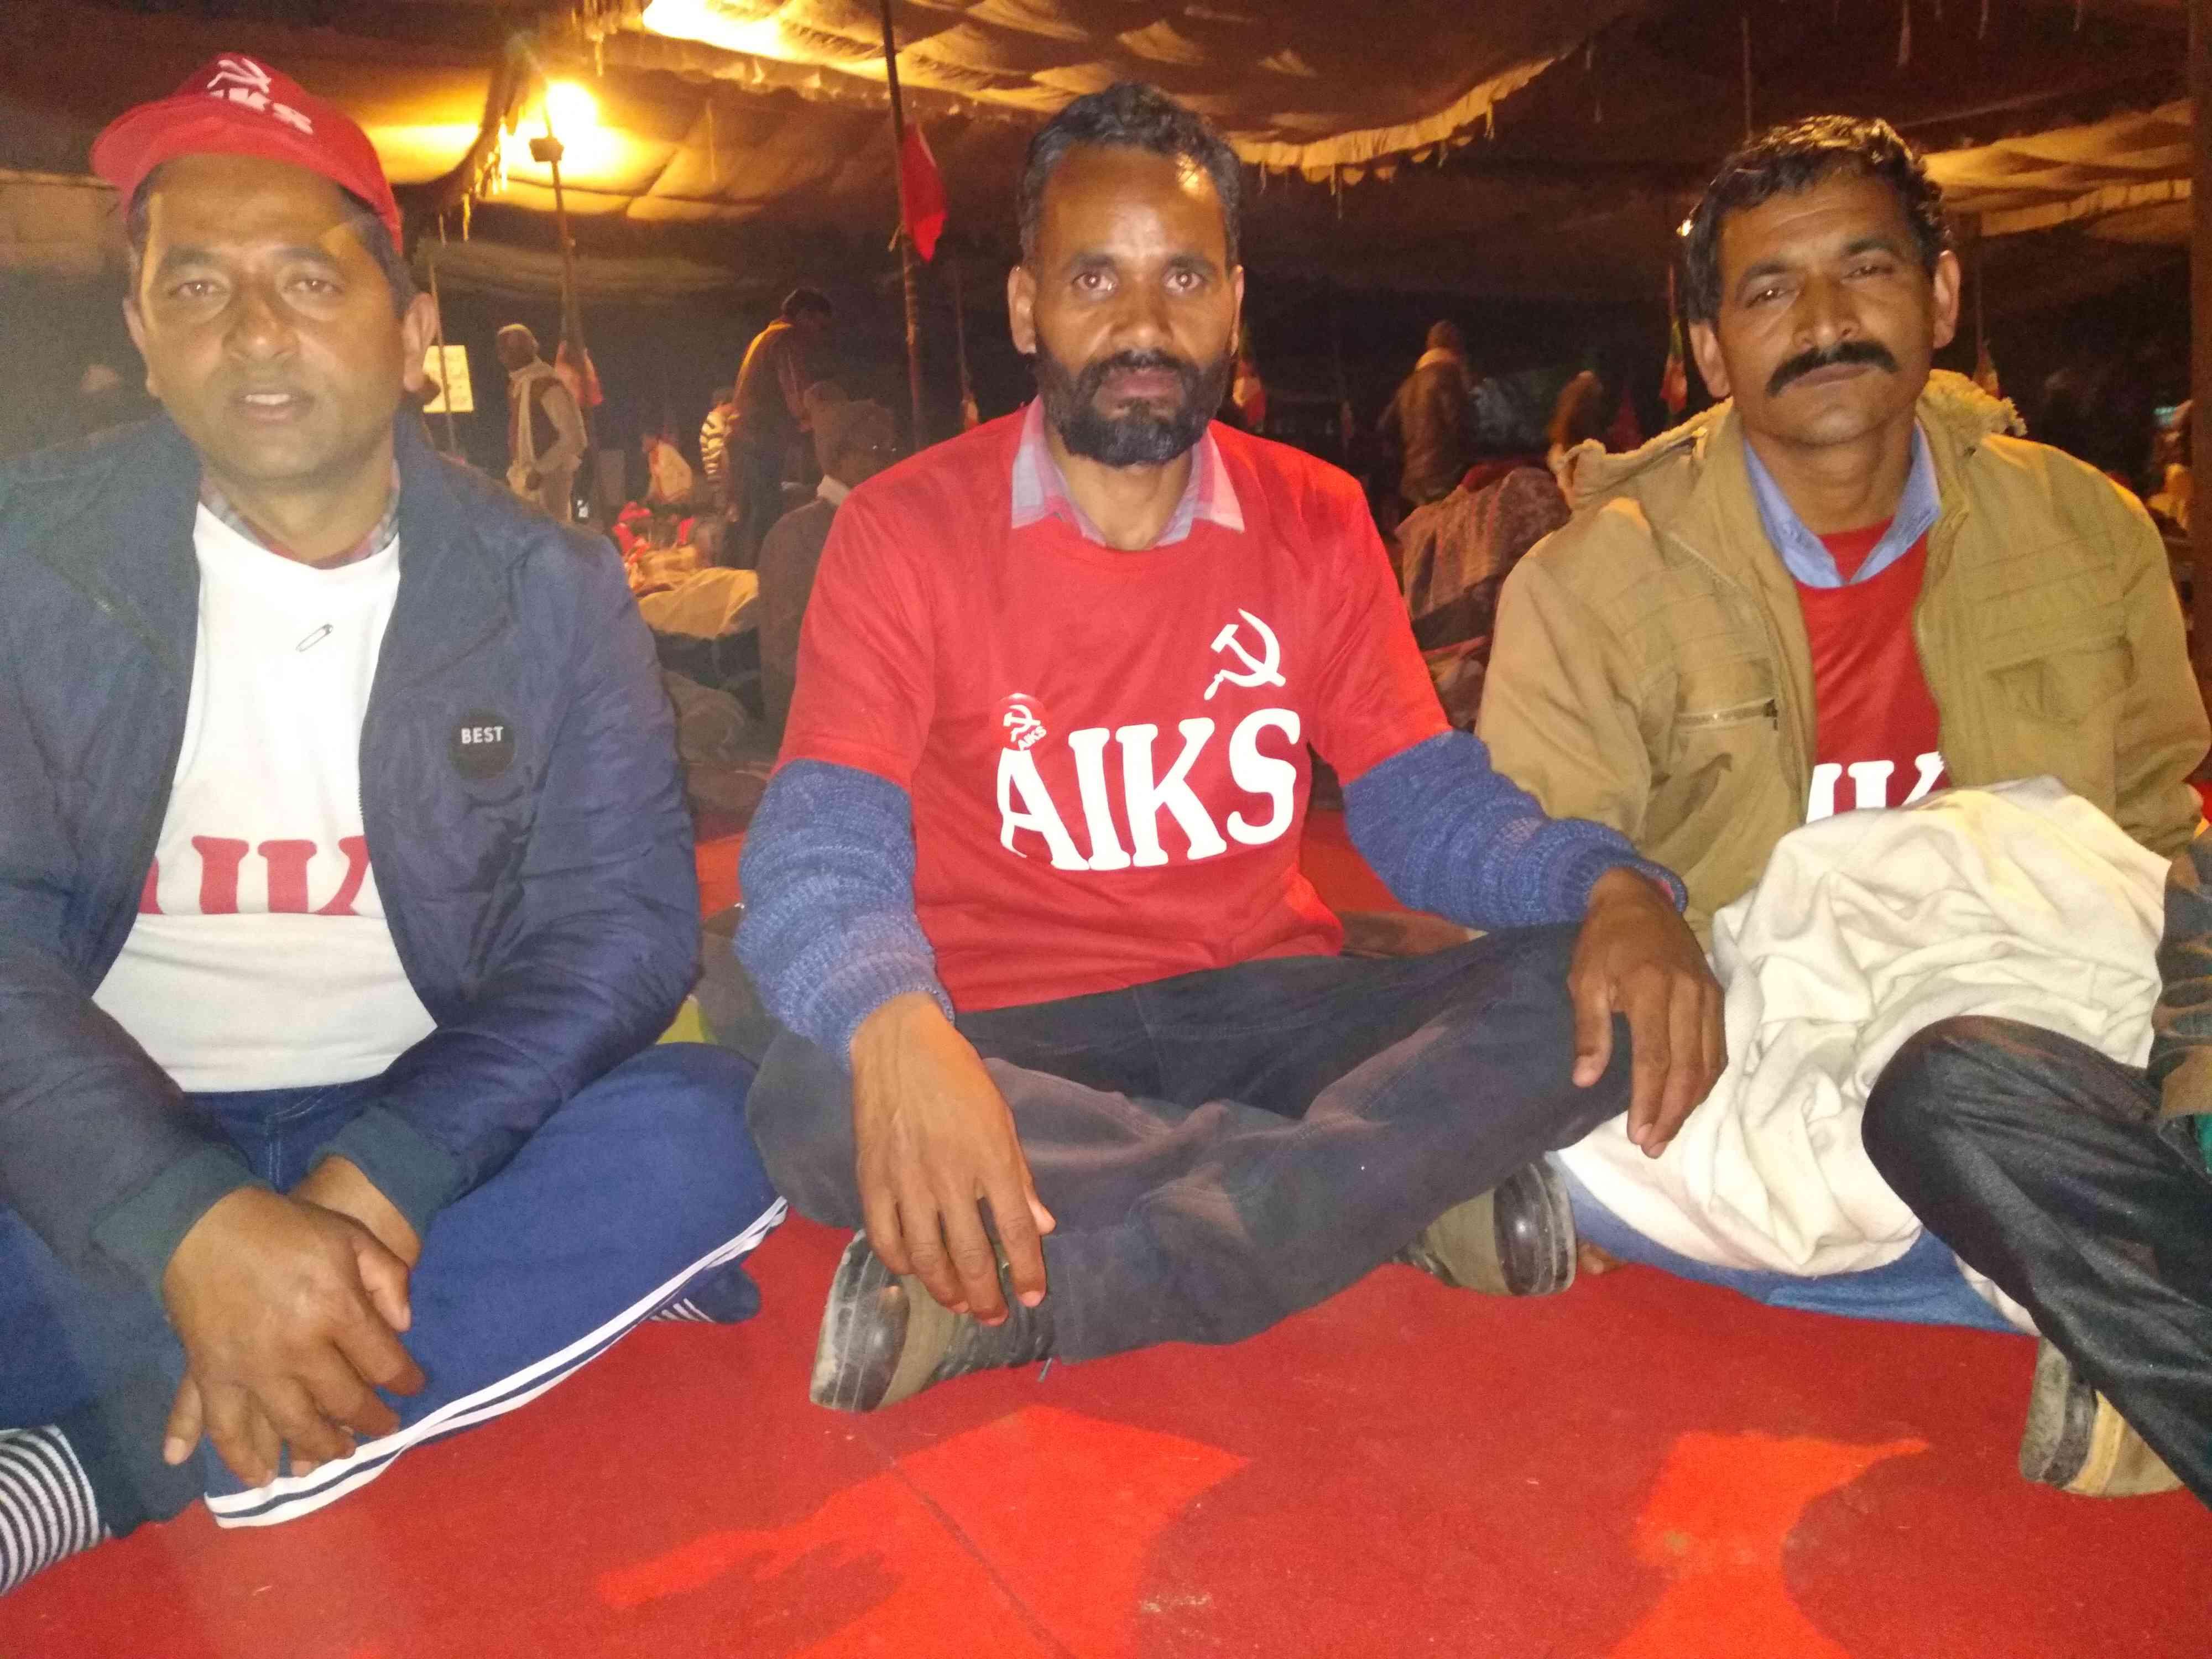 गीताराम ठाकुर (बीच में) के साथ हिमाचल प्रदेश के अन्य किसान